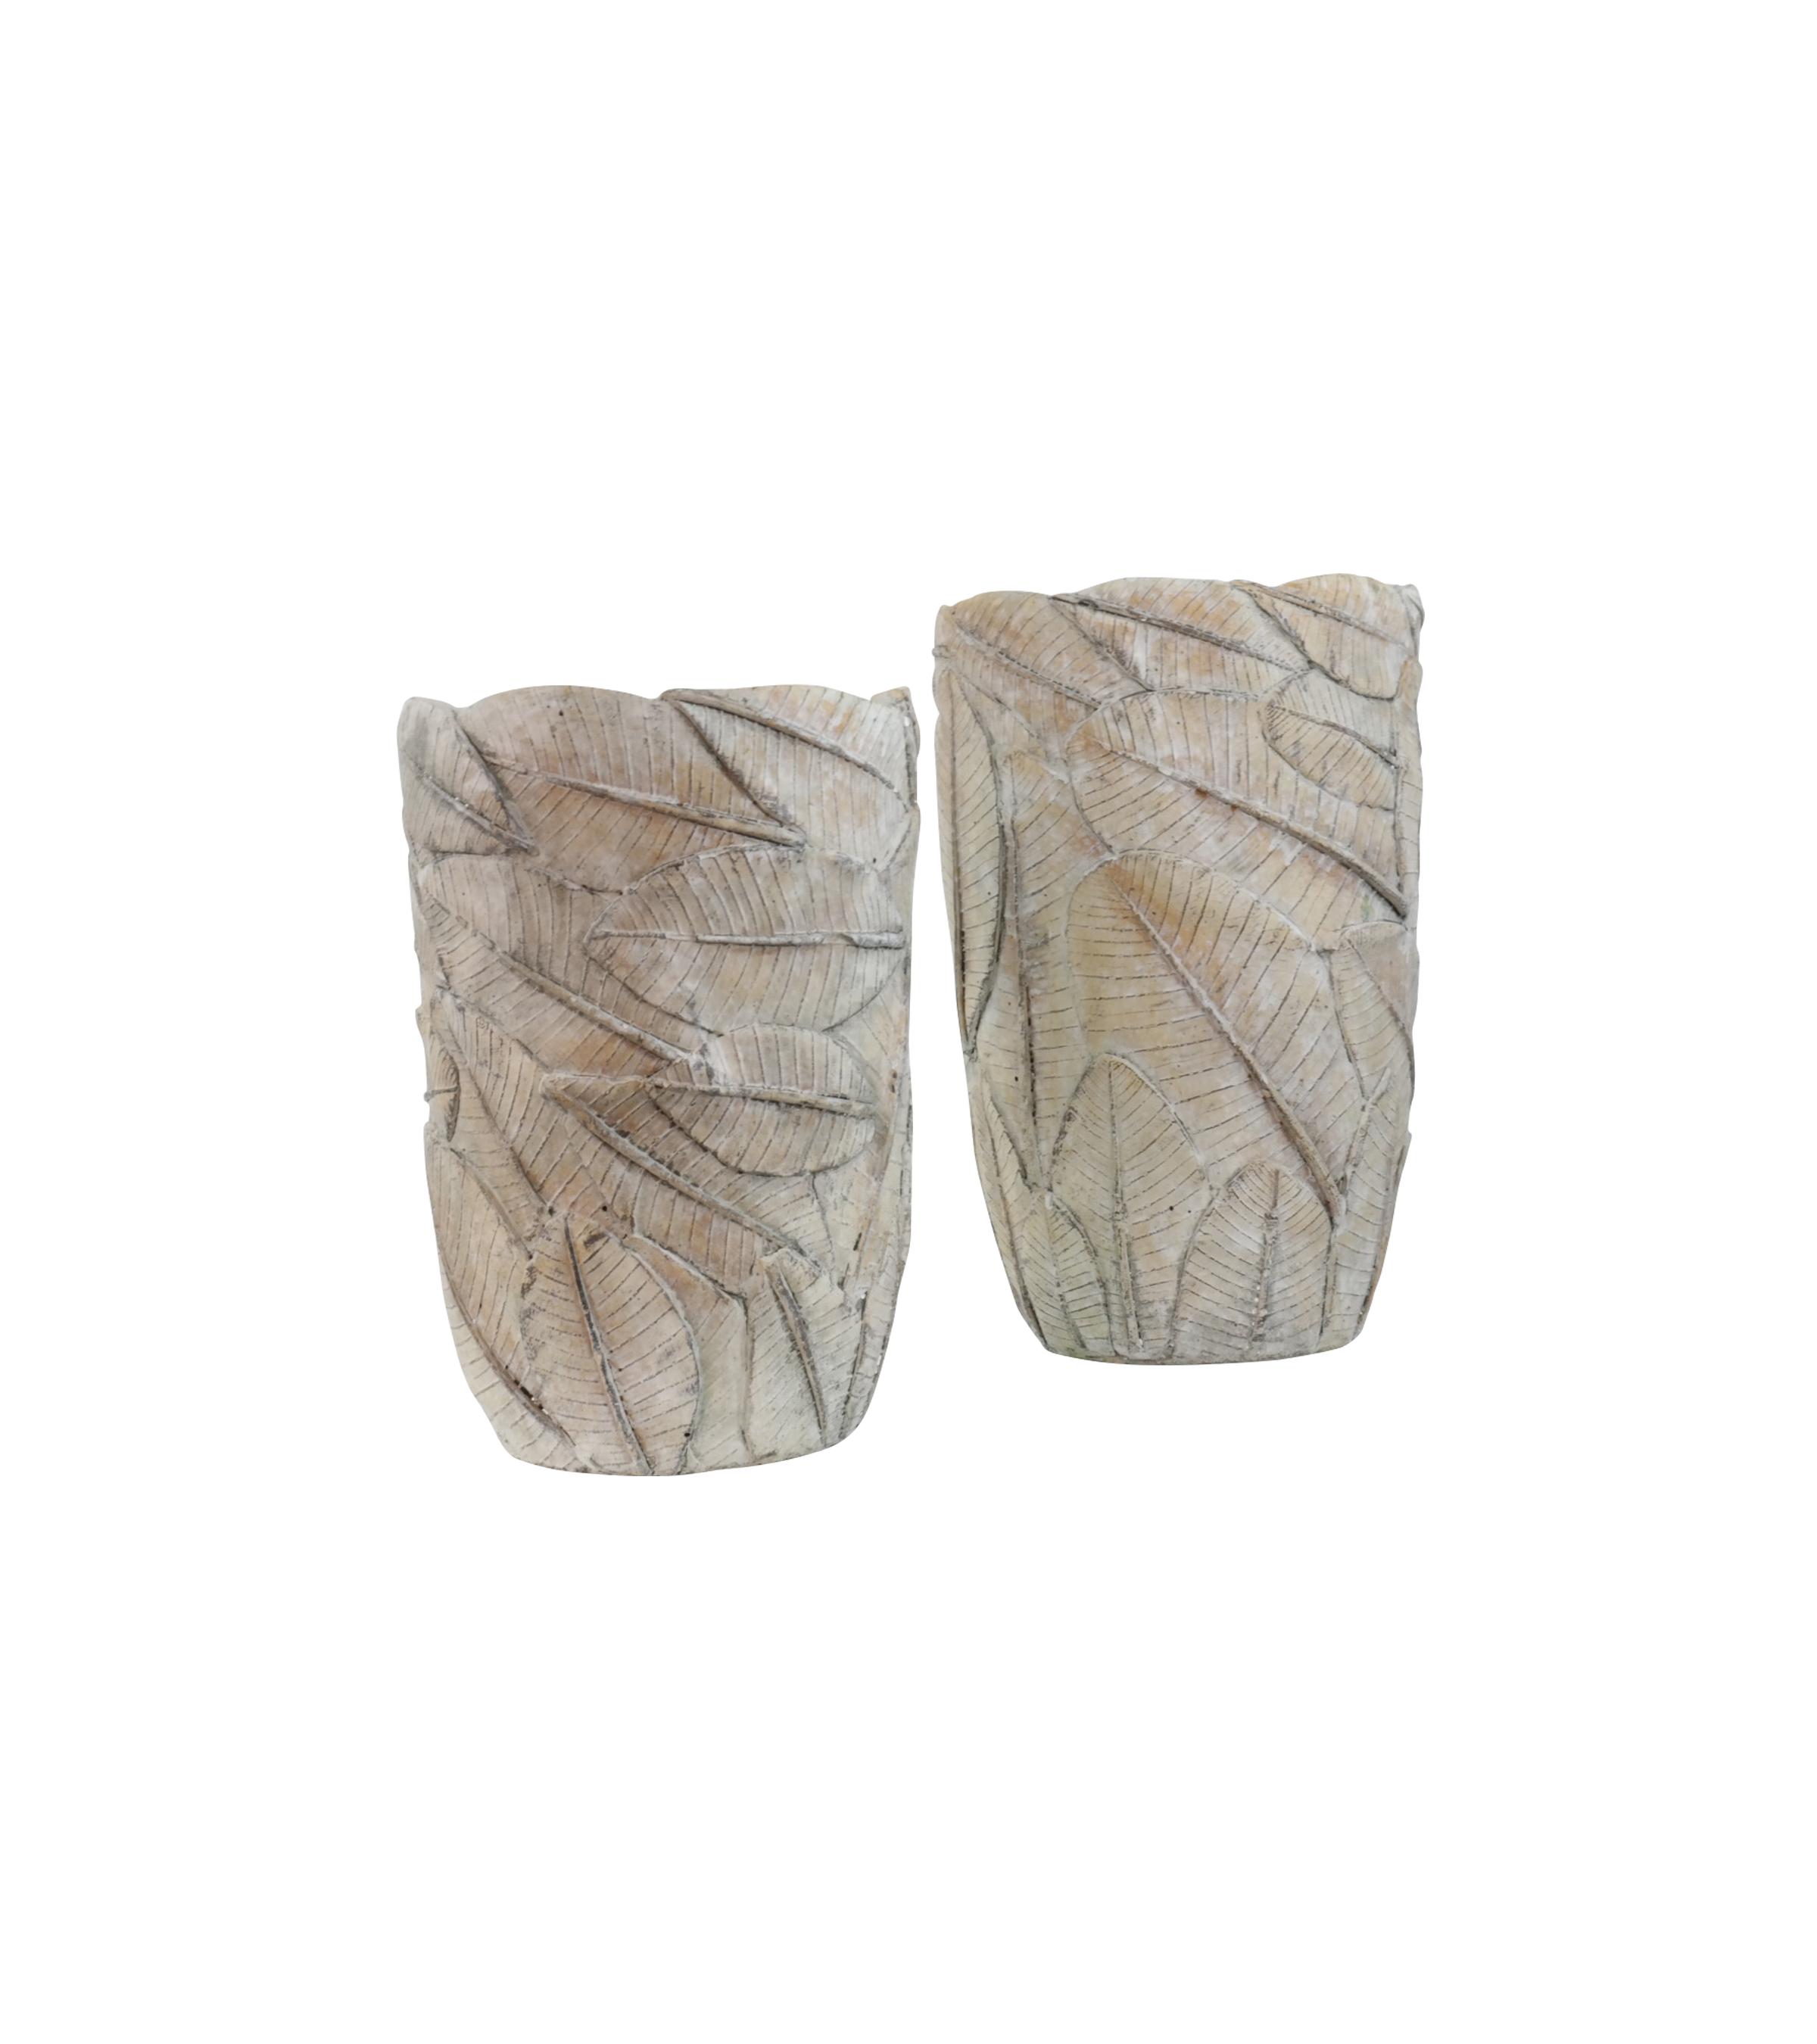 Medlar vase from